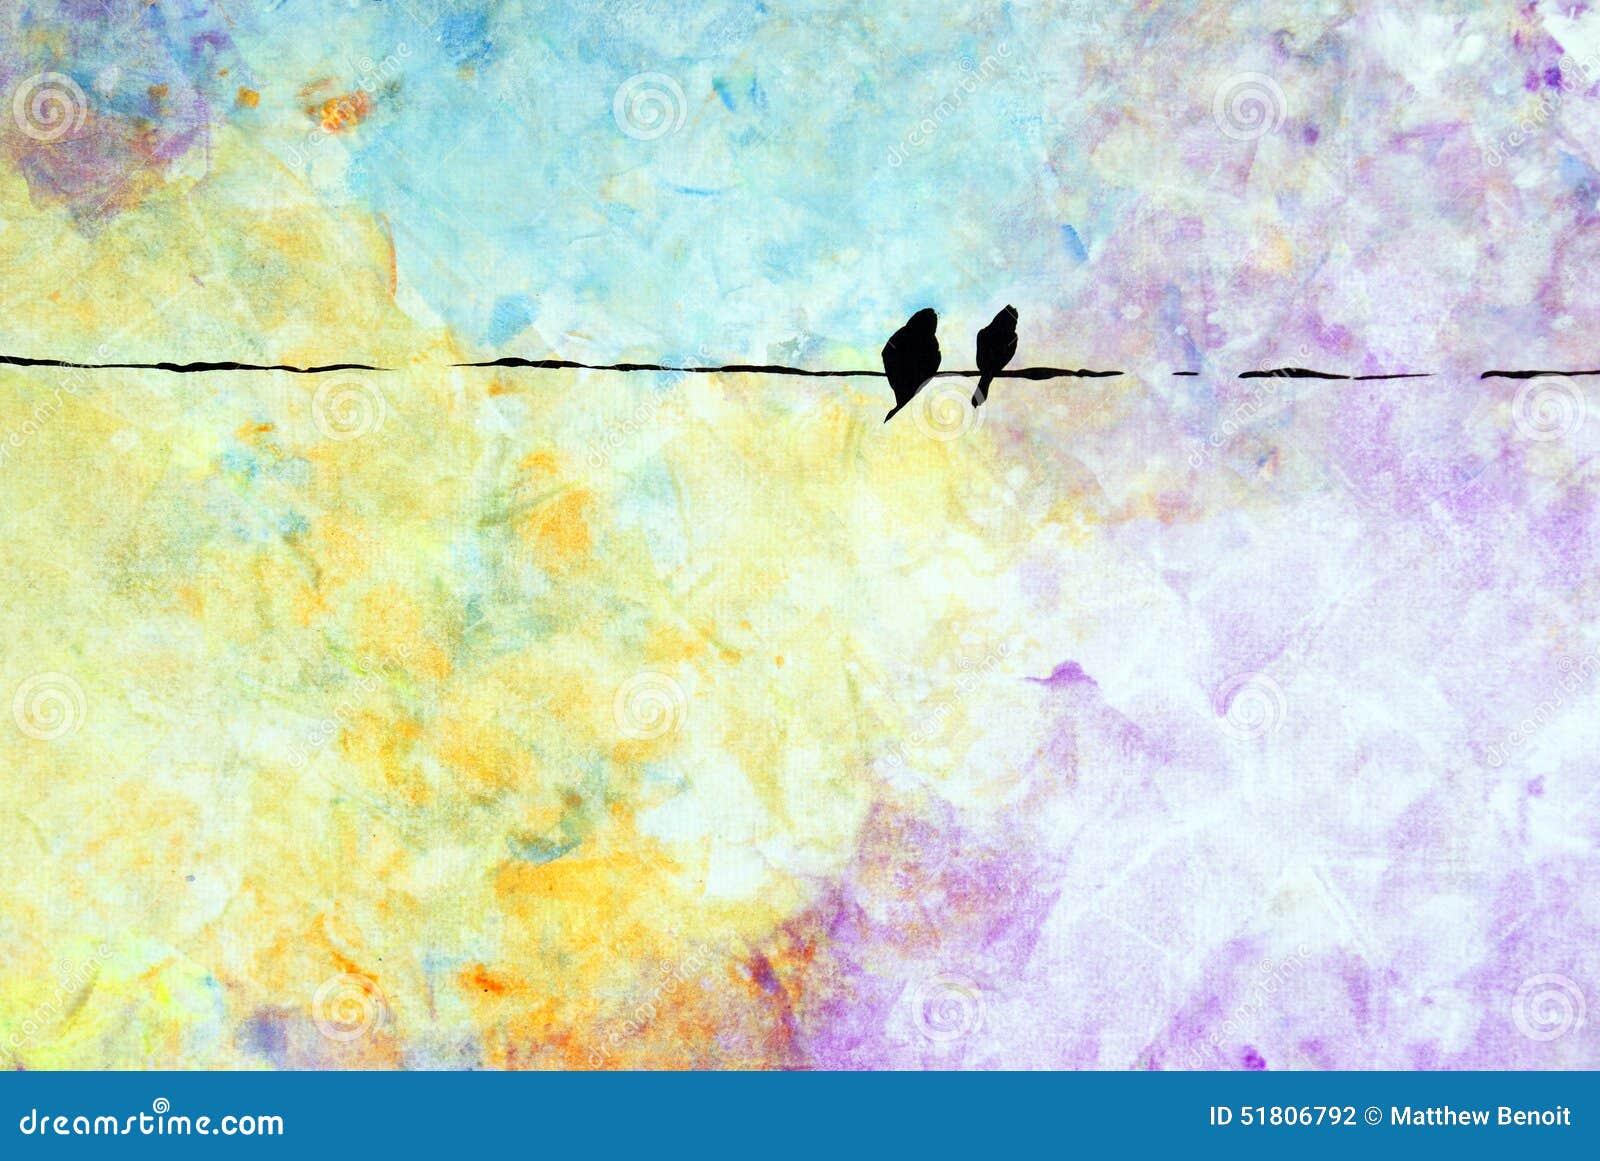 Zwei Vögel auf einem Draht stock abbildung. Illustration von vögel ...